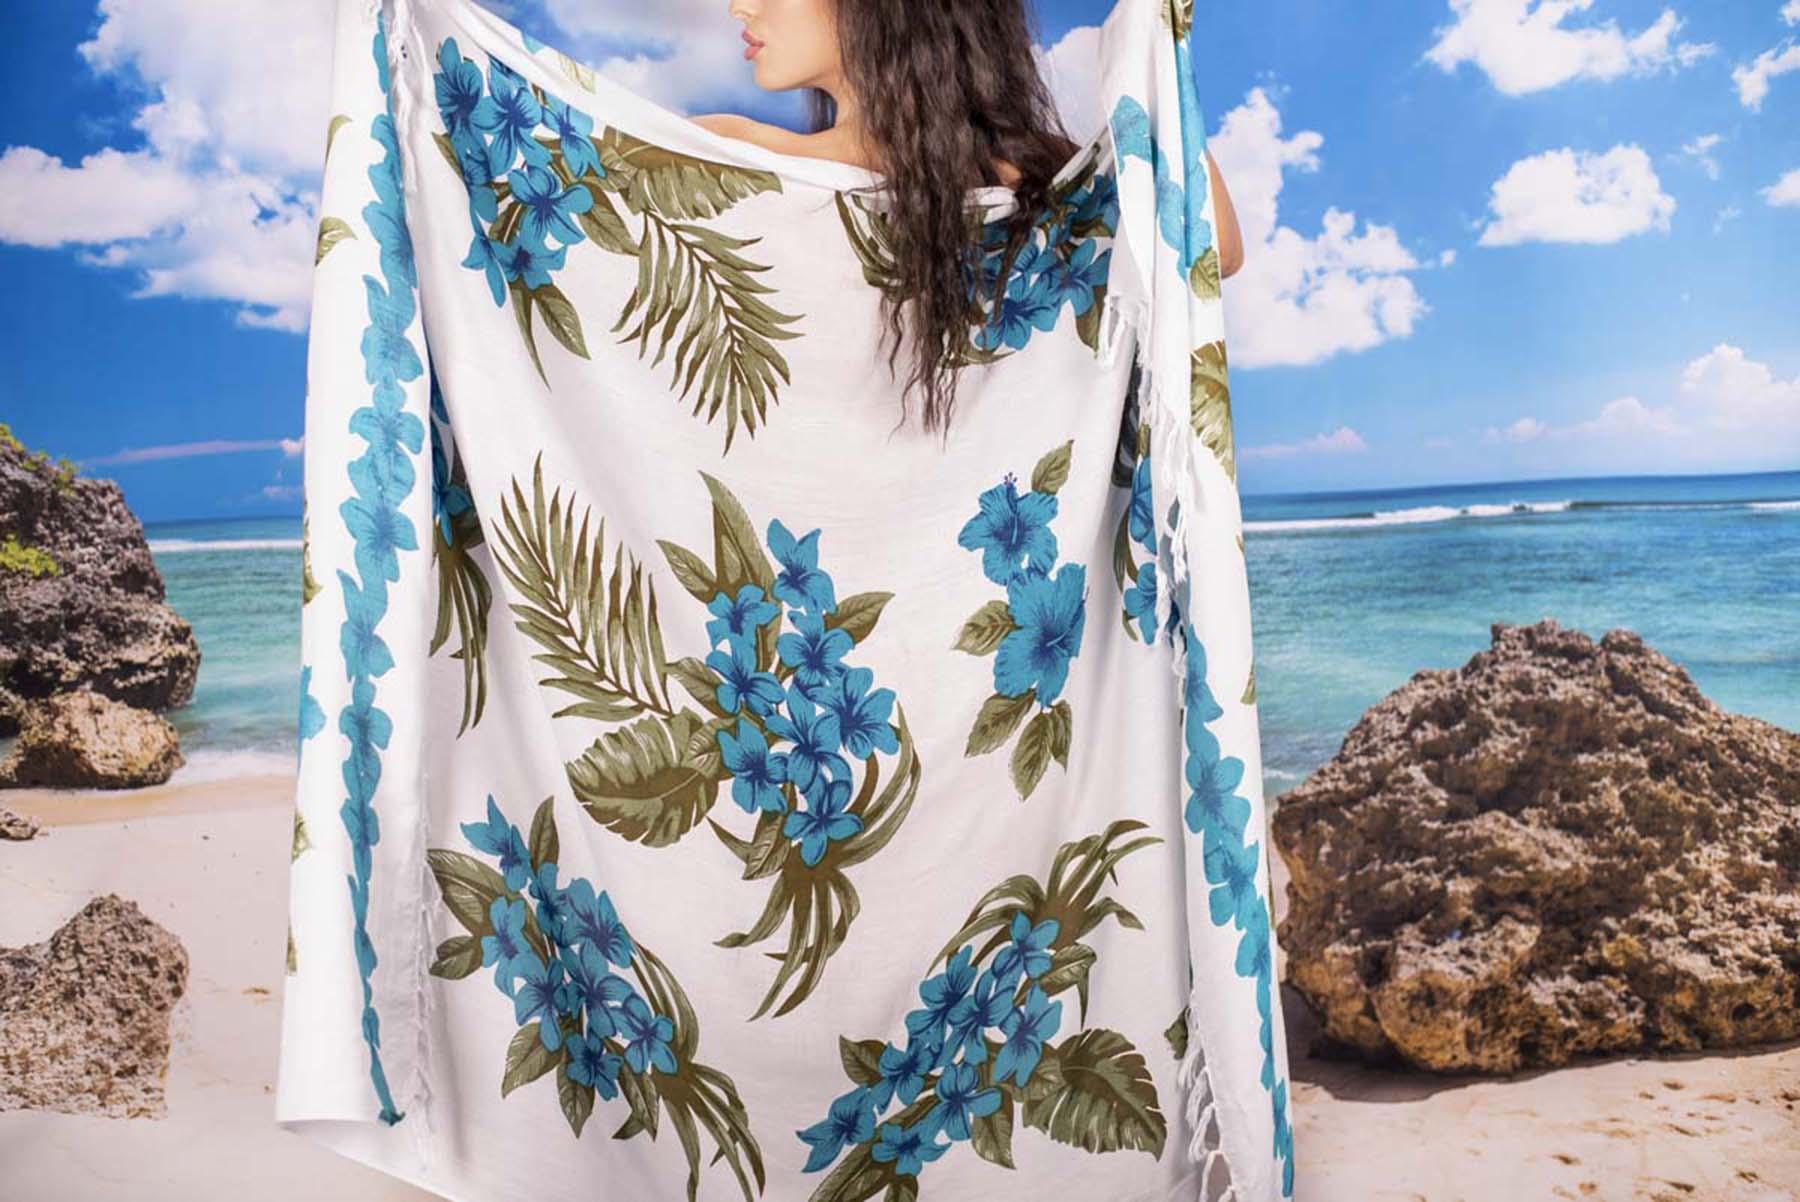 Плажен Шал в Бяло и Цветя в Сини Нюанси